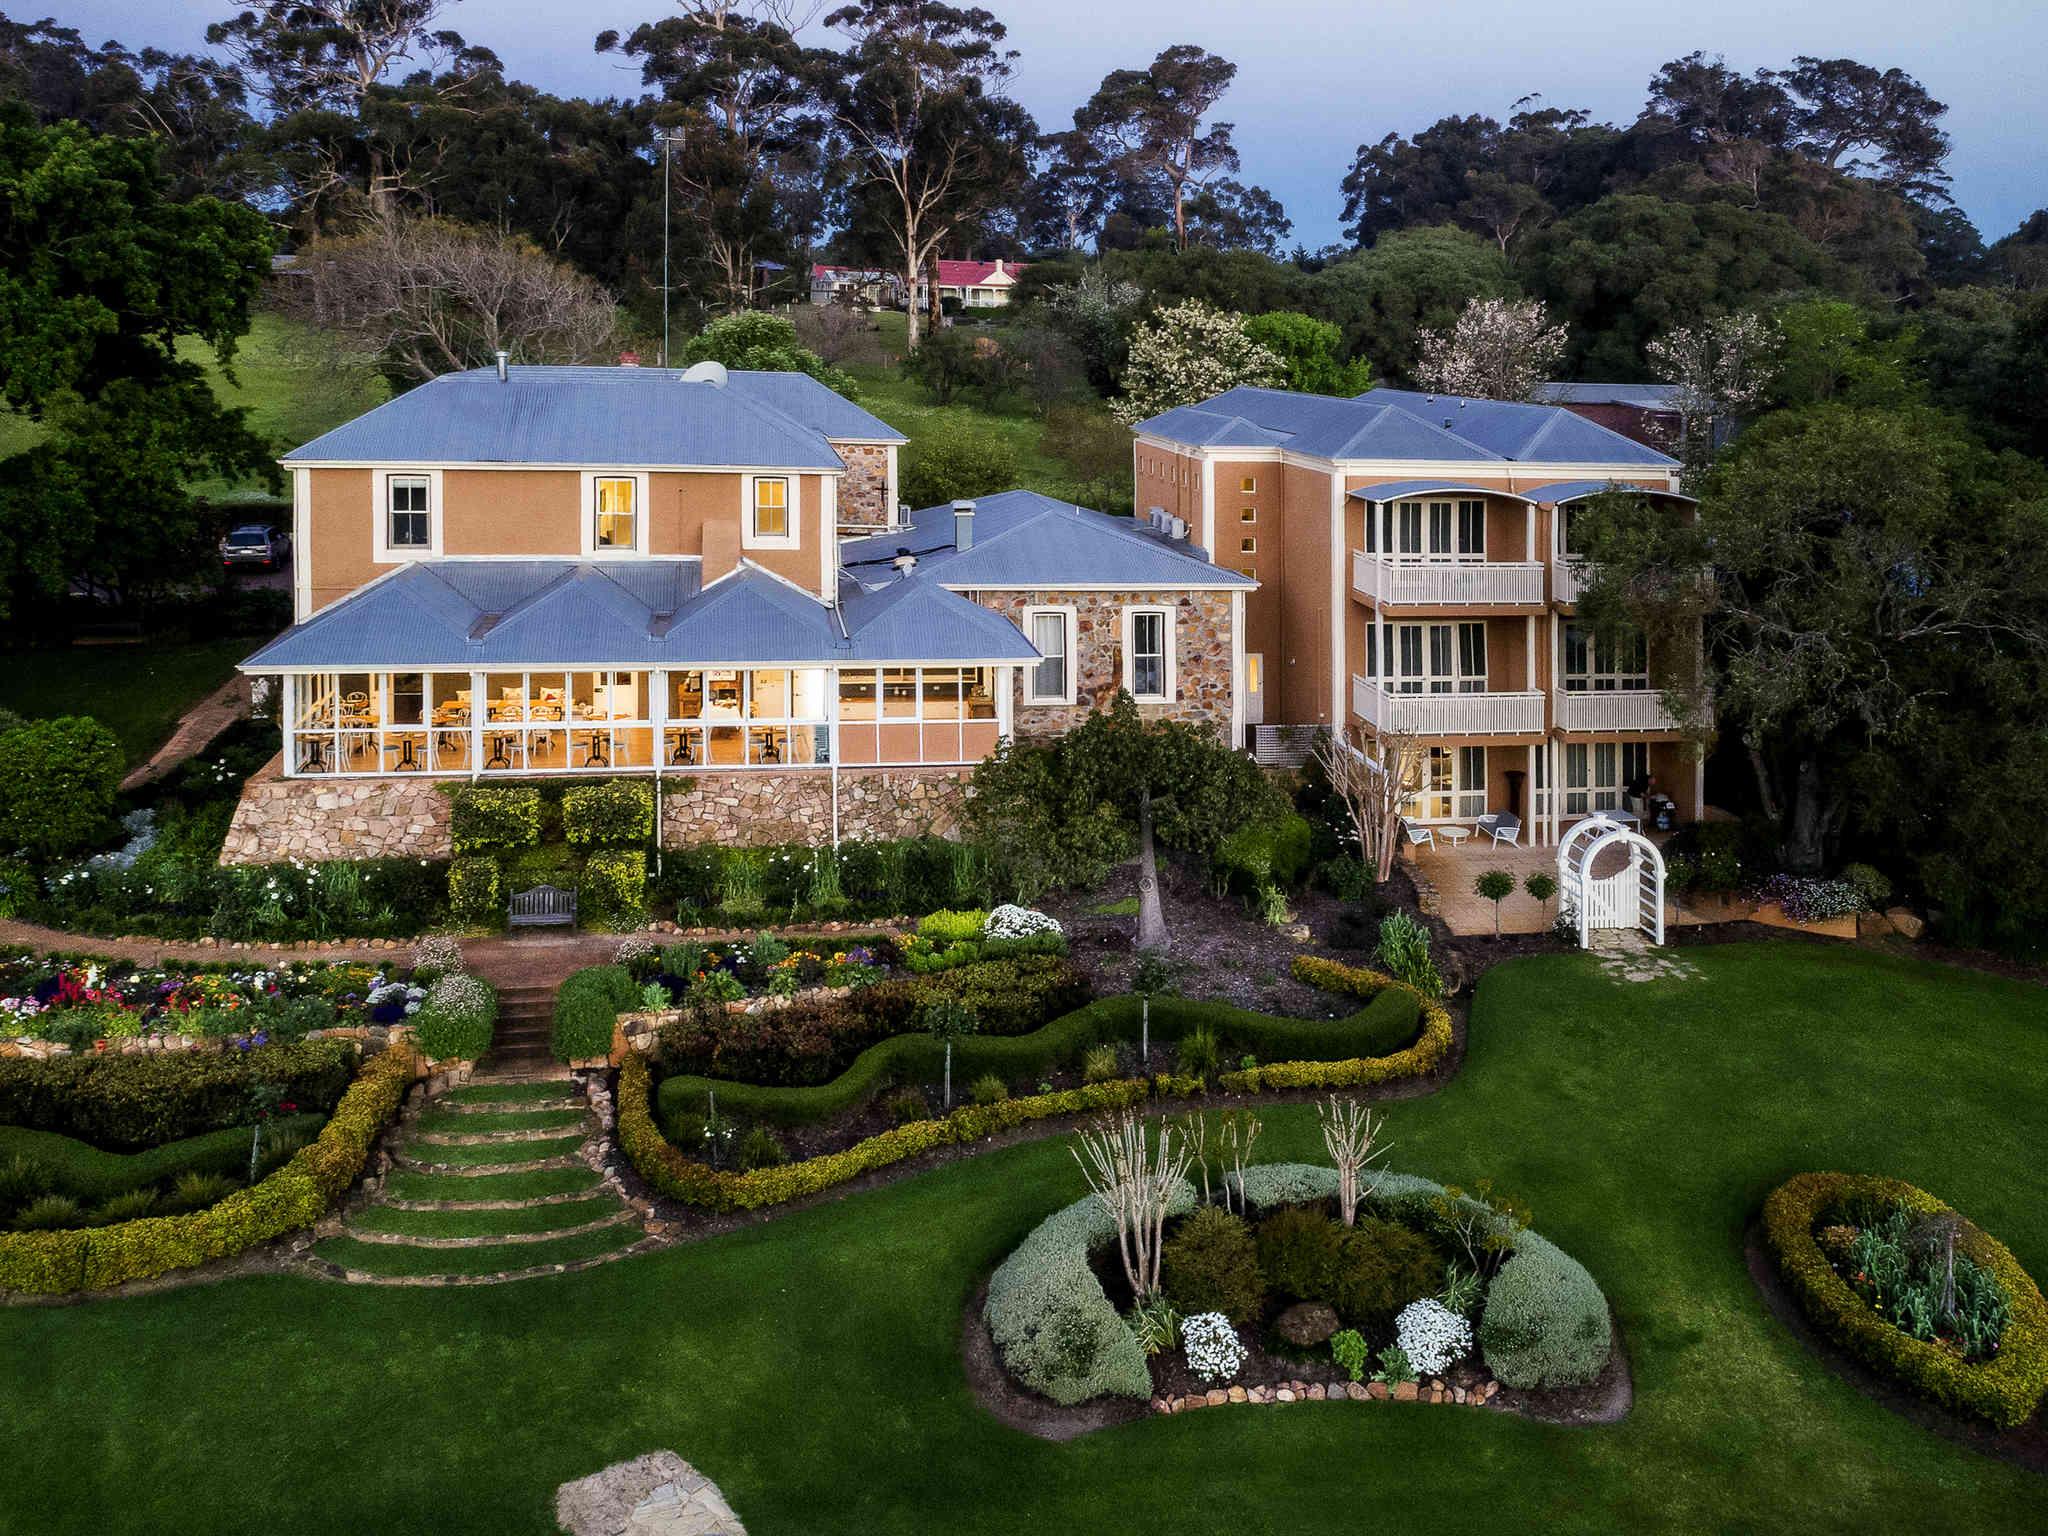 فندق - Grand Mercure Basildene Manor Accor Vacation Club Apartments